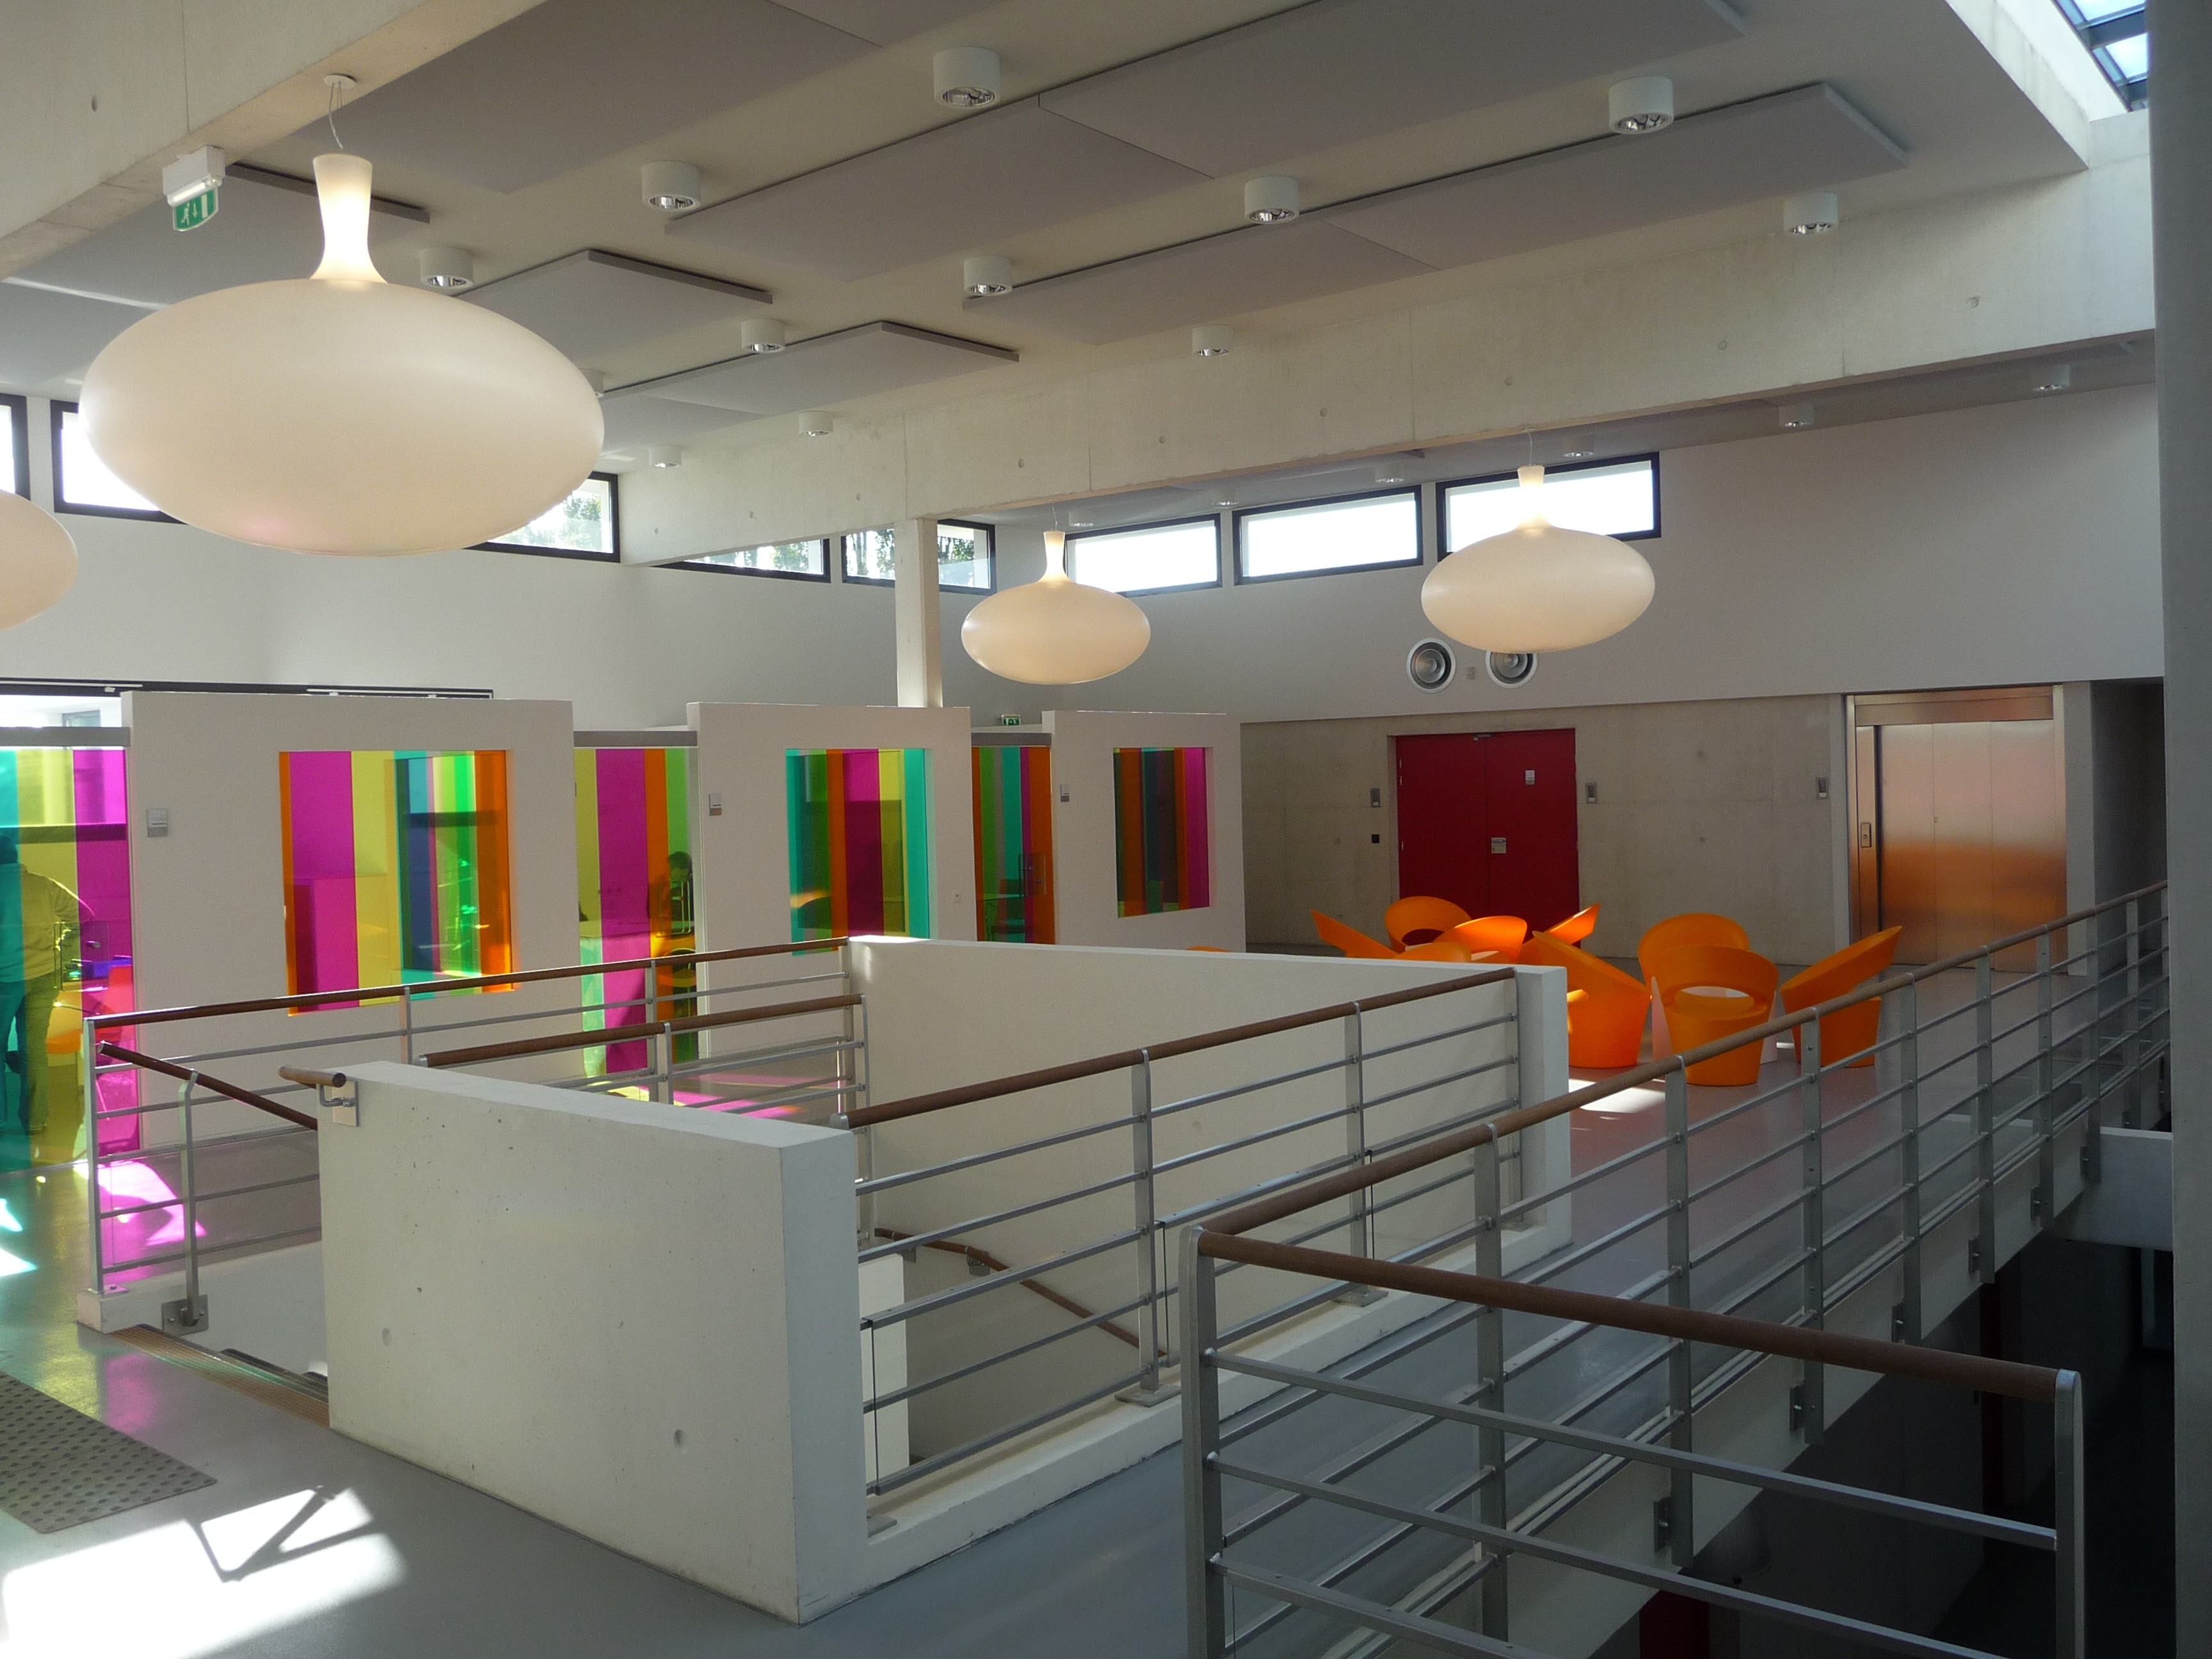 Ecole D Architecture D Interieur Nice file:intérieur de l'école - wikimedia commons